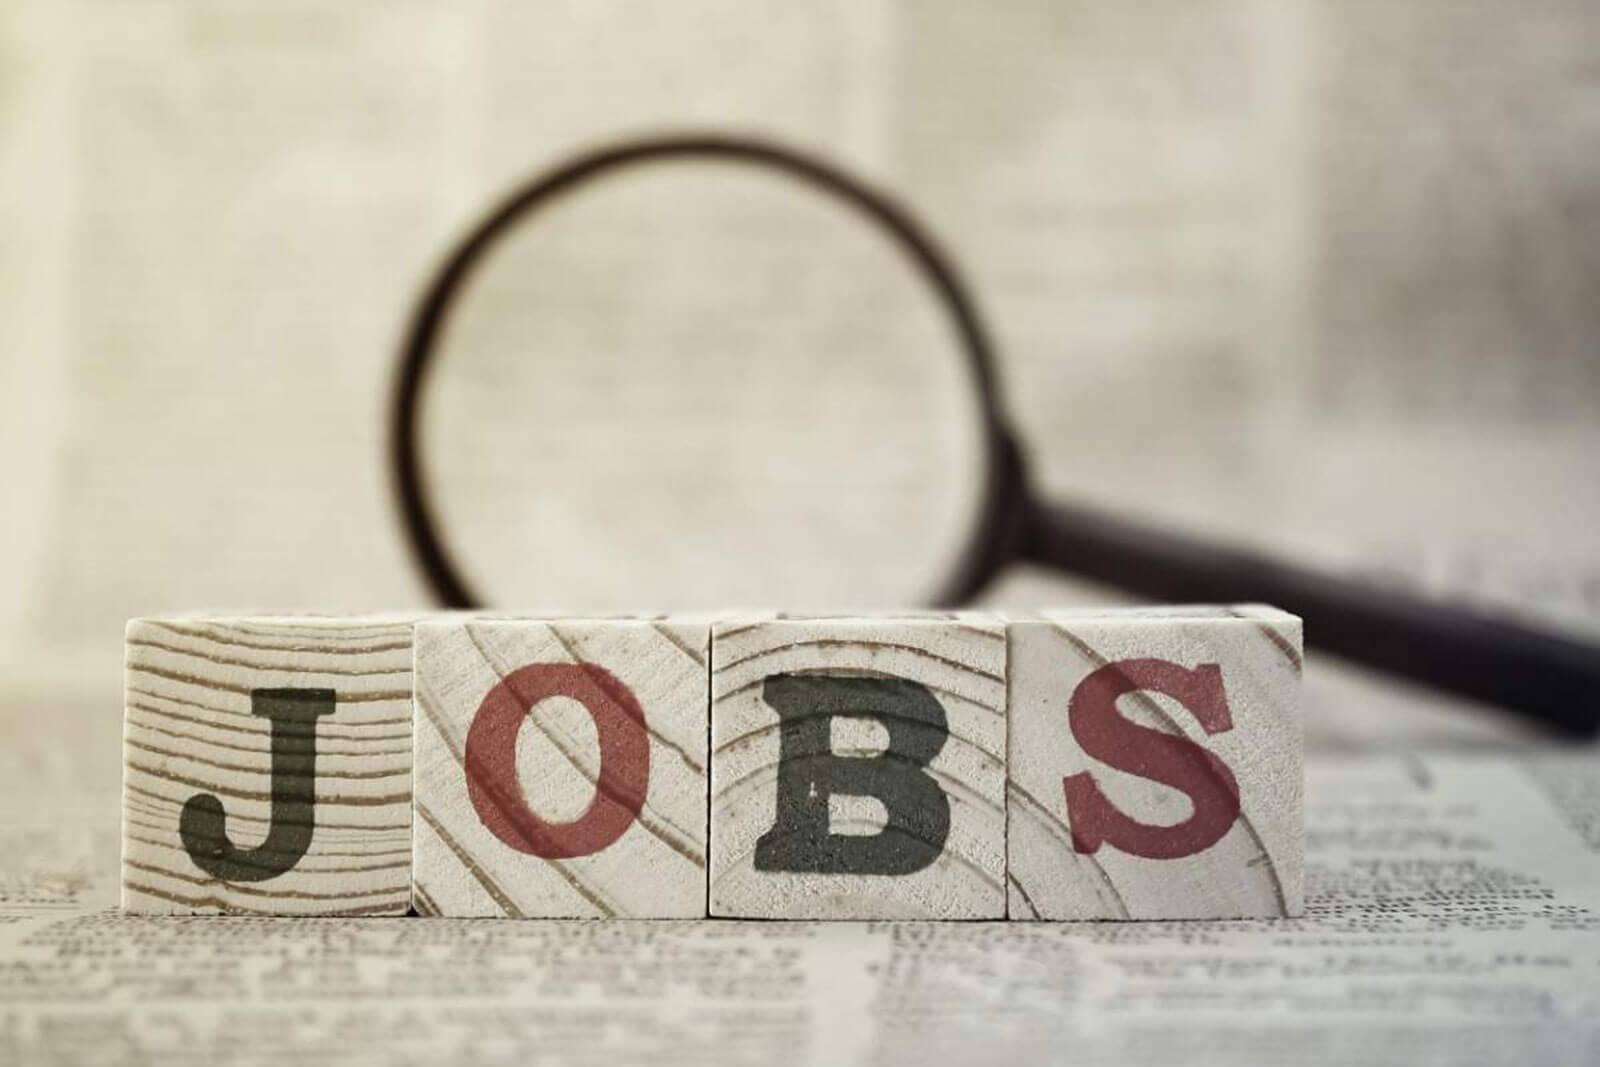 4 ngành nghề dự đoán sẽ được tuyển dụng nhiều nhất tại Việt Nam trong năm 2021, mức lương